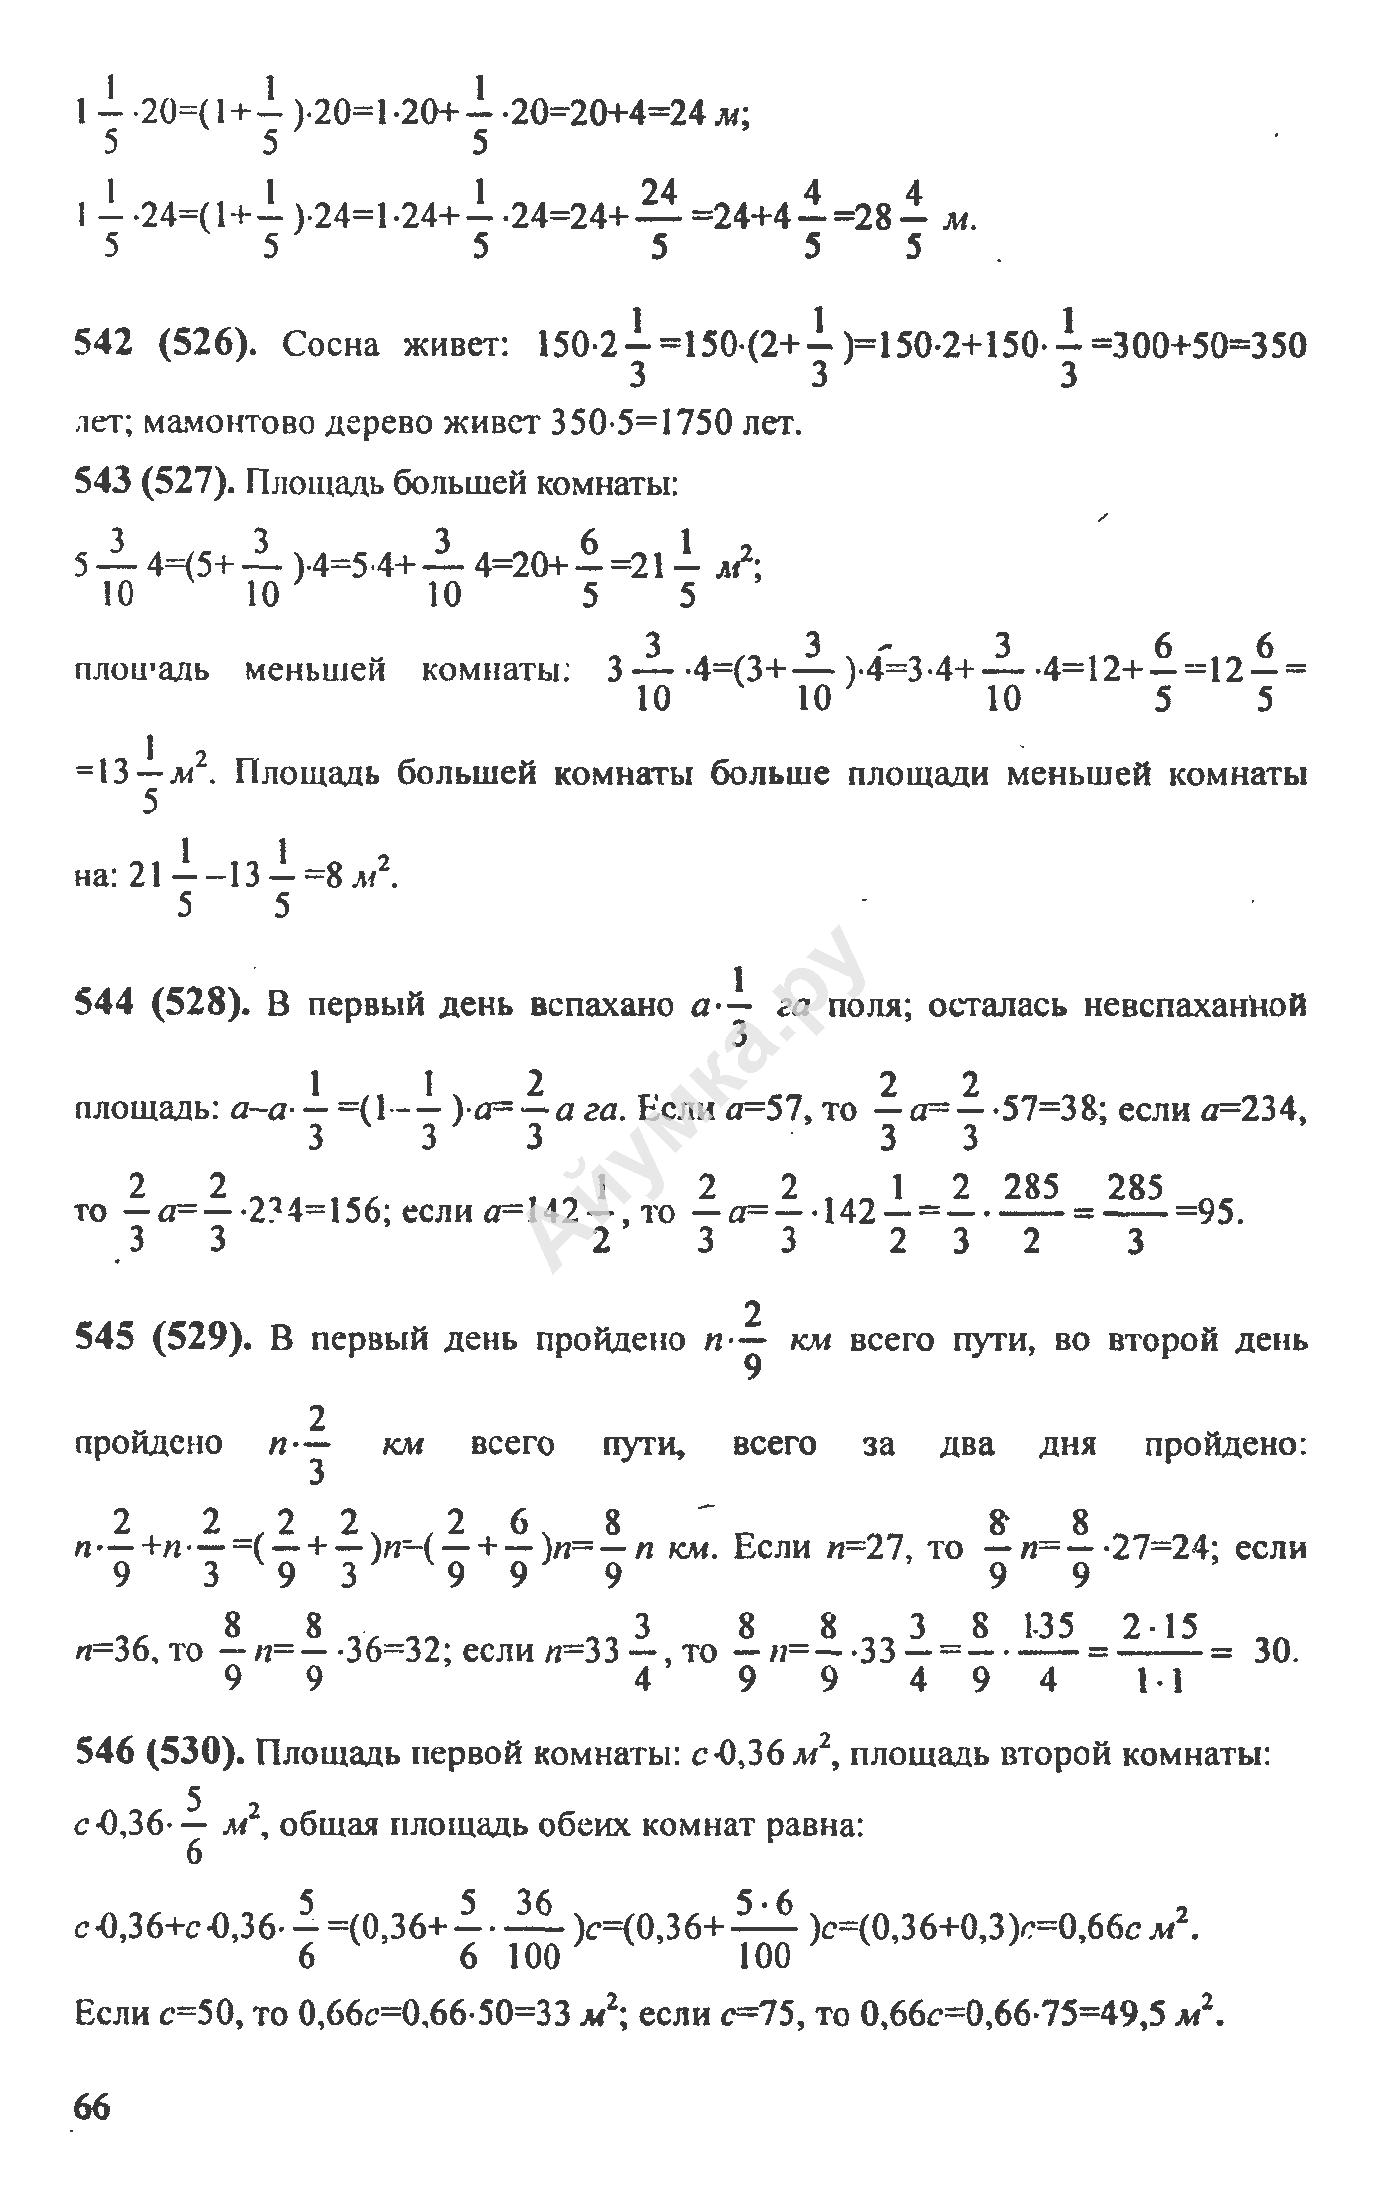 Физика учебник 10 класс дмитриева скачать бесплатно